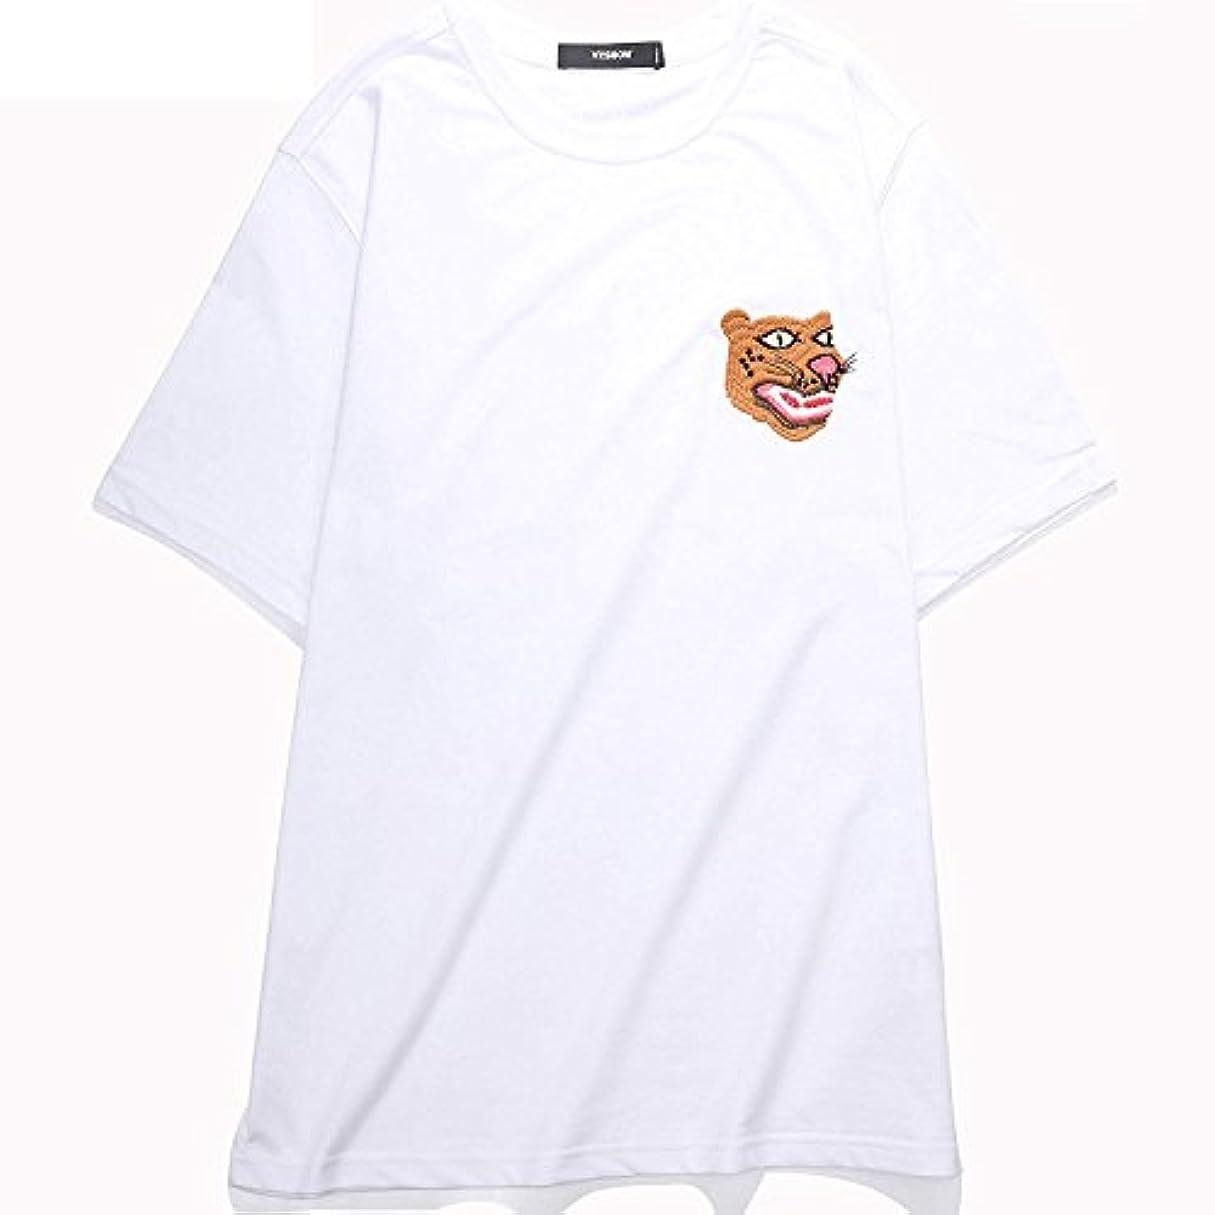 うめき高度リークVIISHOW メンズ カジュアル タイガー 刺繍プリント クルーネック 半袖tシャツ トップス